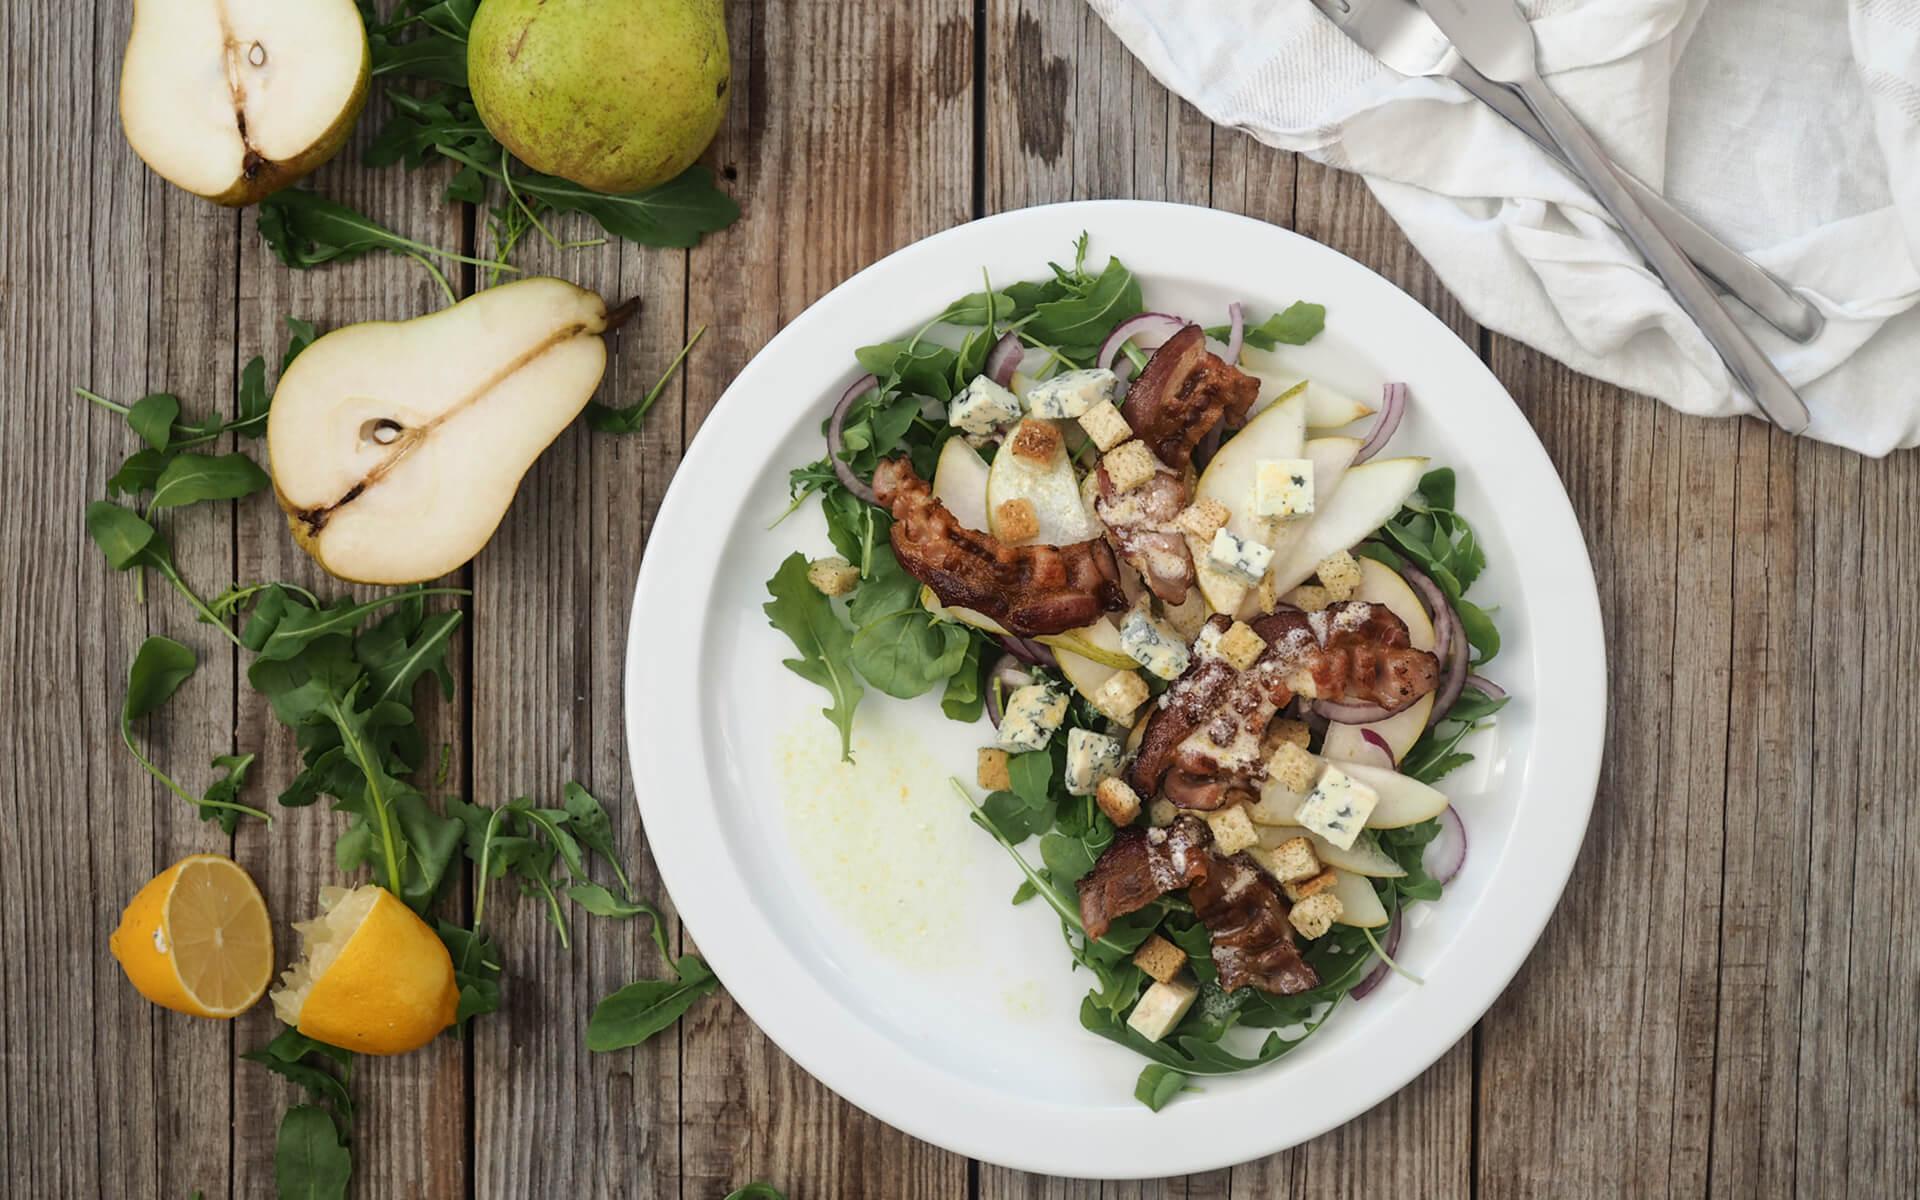 Salat mit Birnen, Speck, Blauschimmelkäse und Croutons